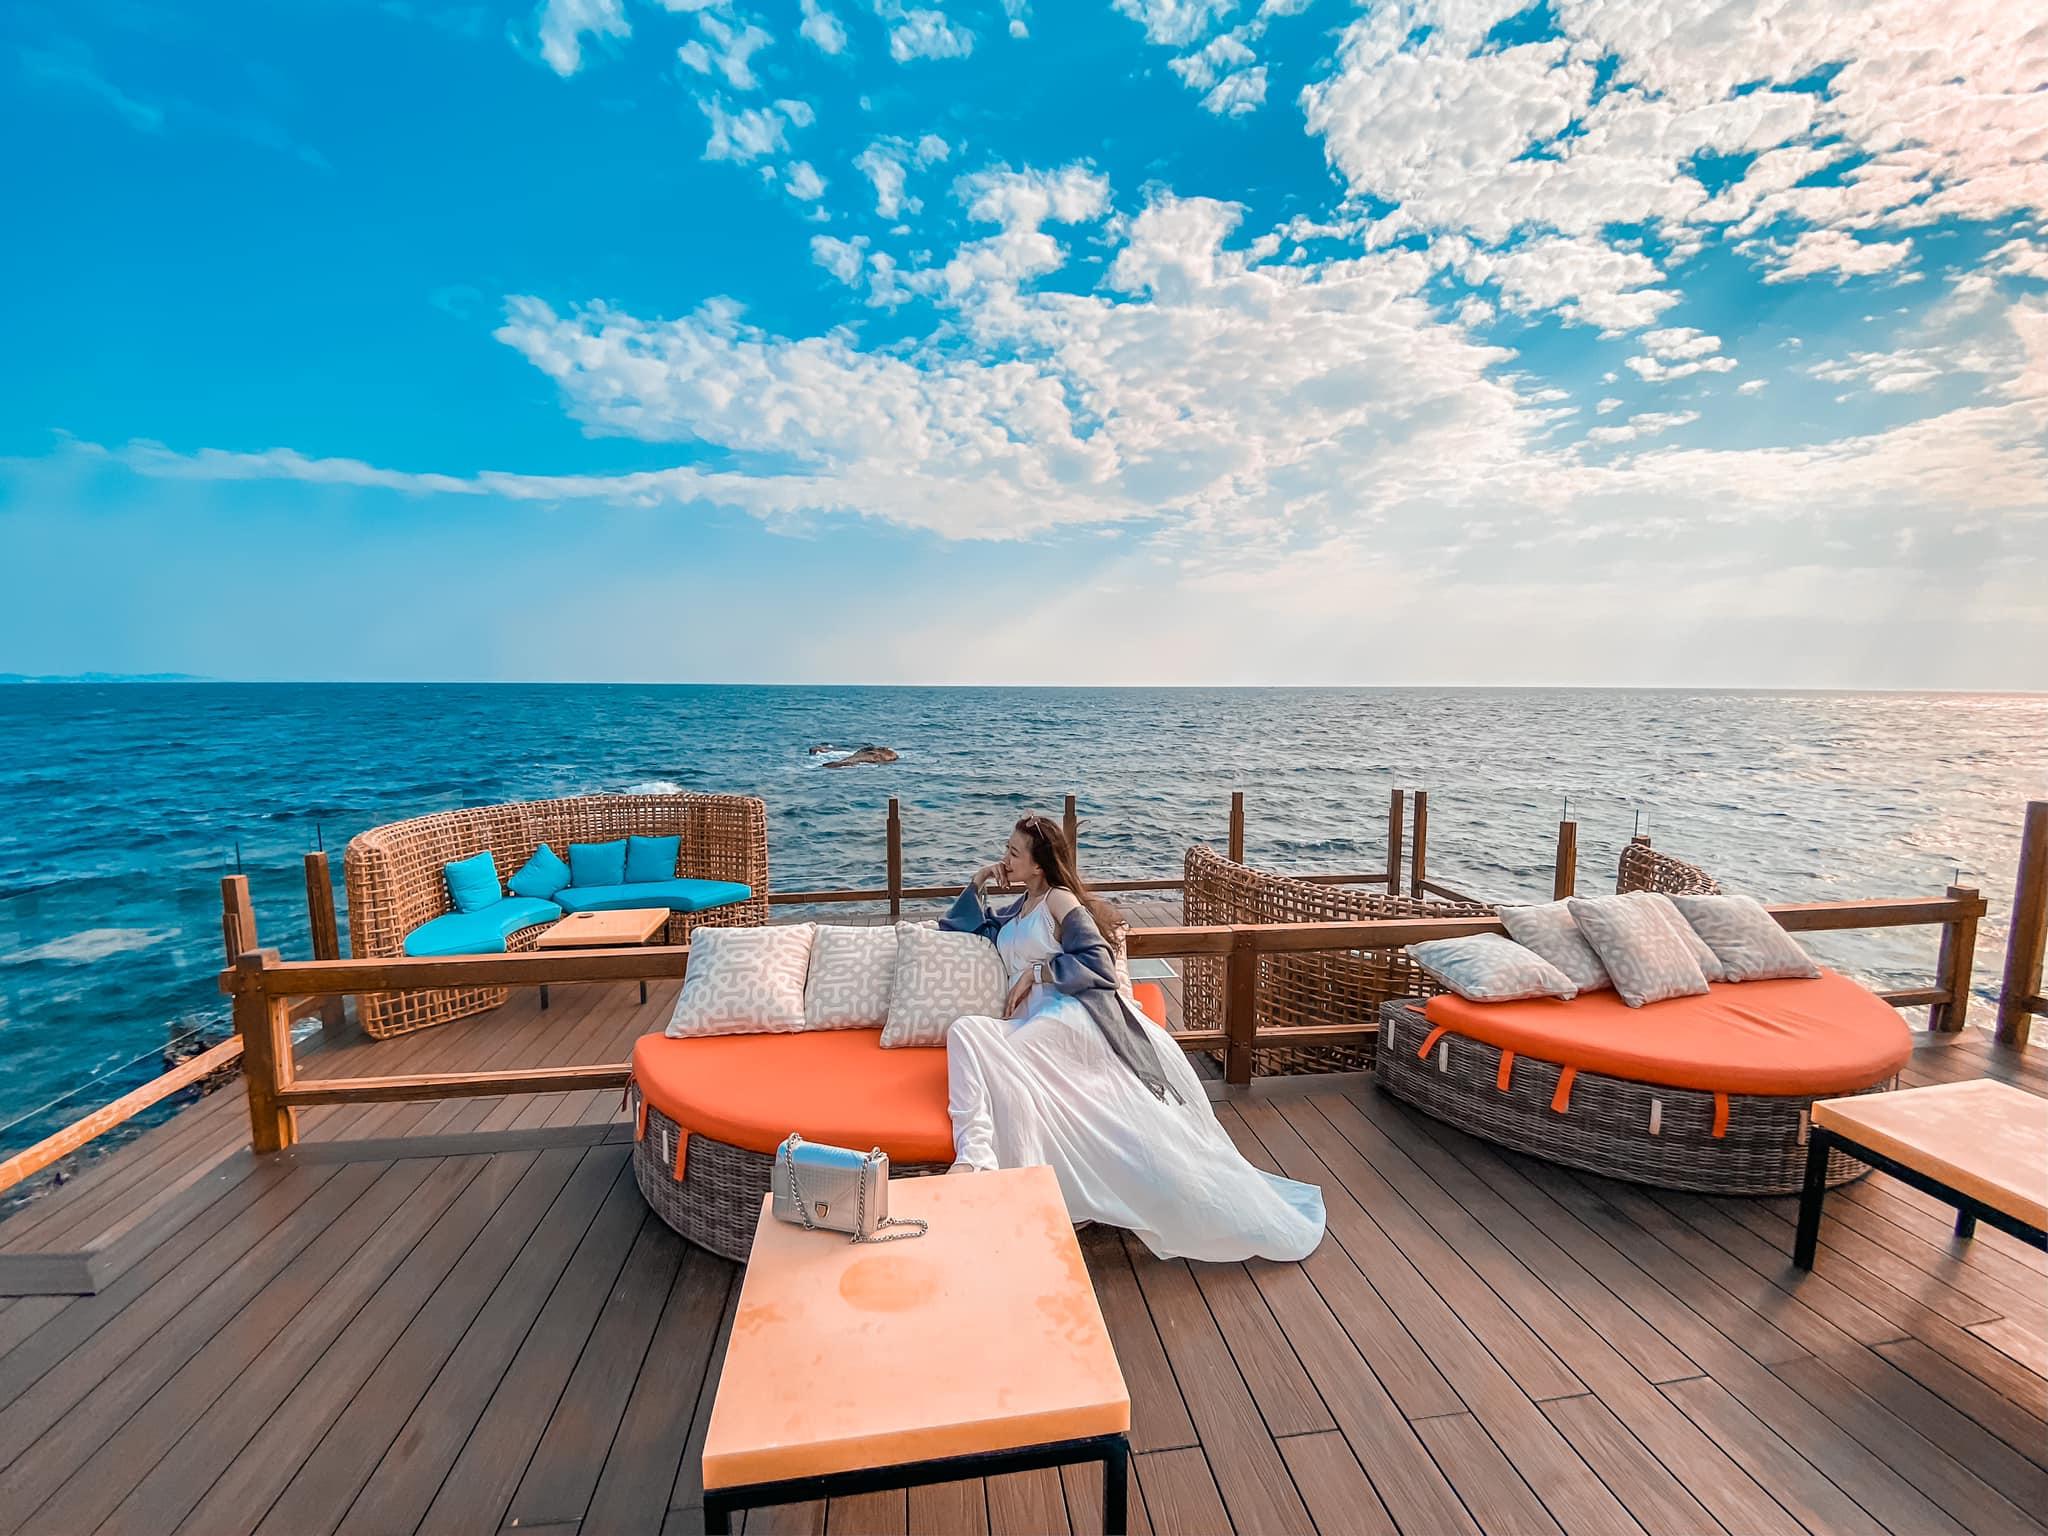 Tour du lịch Phú Quốc khởi hành từ Rạch Giá: Vô vàn ưu đãi trong dịp hè này  - Ảnh 26.